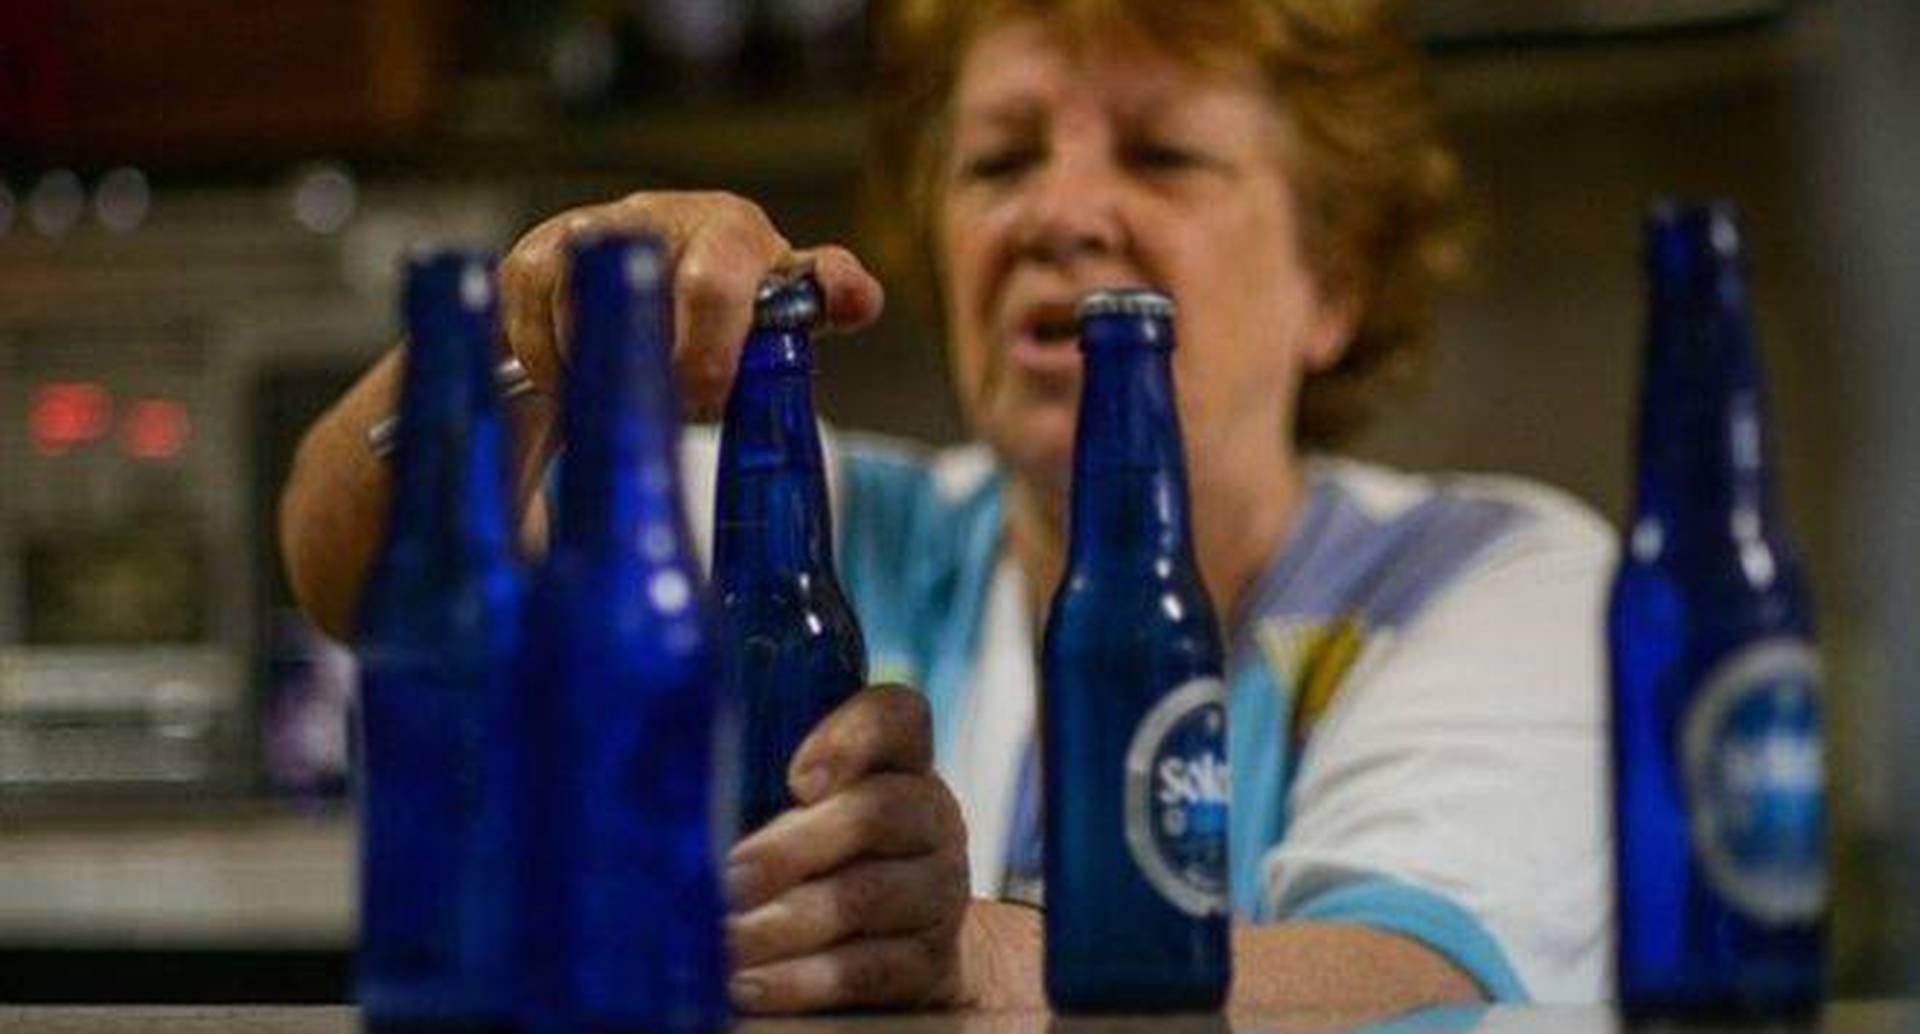 Polar es la primera distribuidora de alimentos y bebidas en Venezuela.